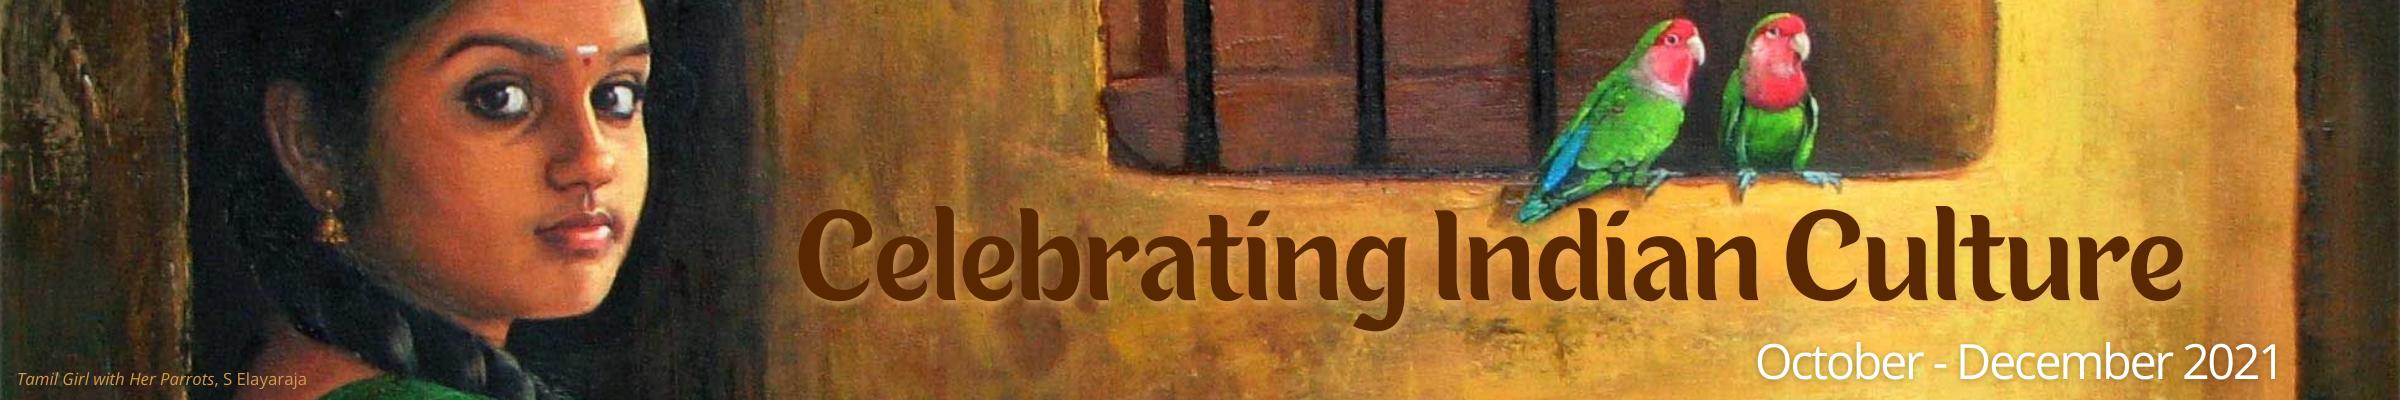 Celebrating Indian Culture October-December 2021